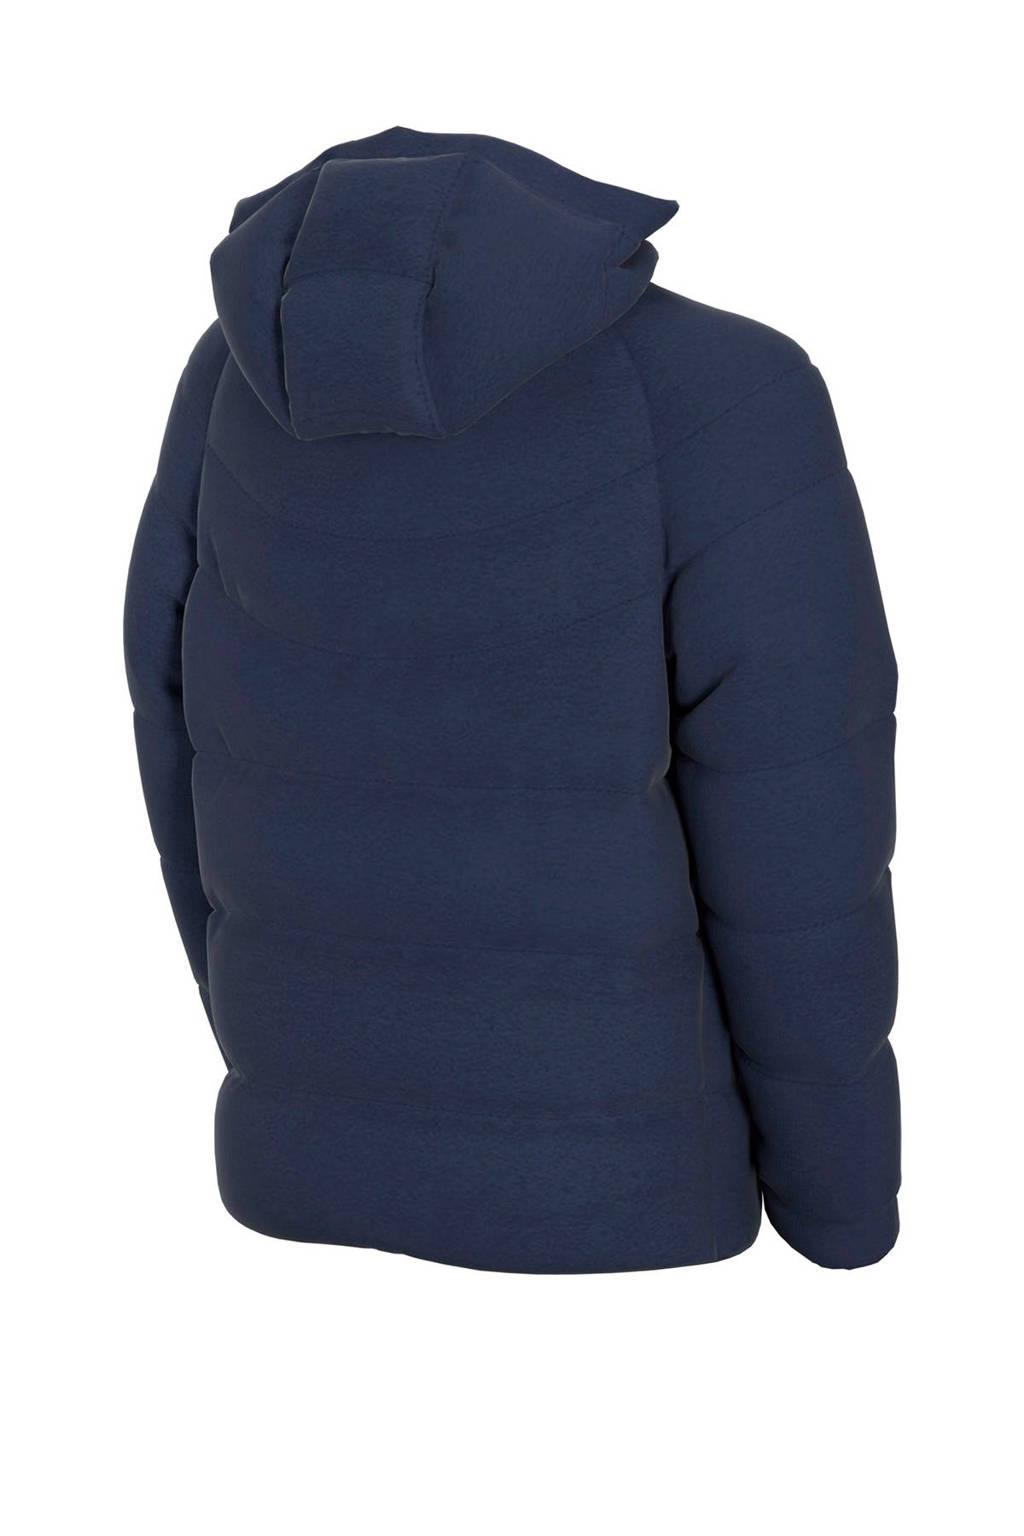 Nike   sportjack blauw, Blauw